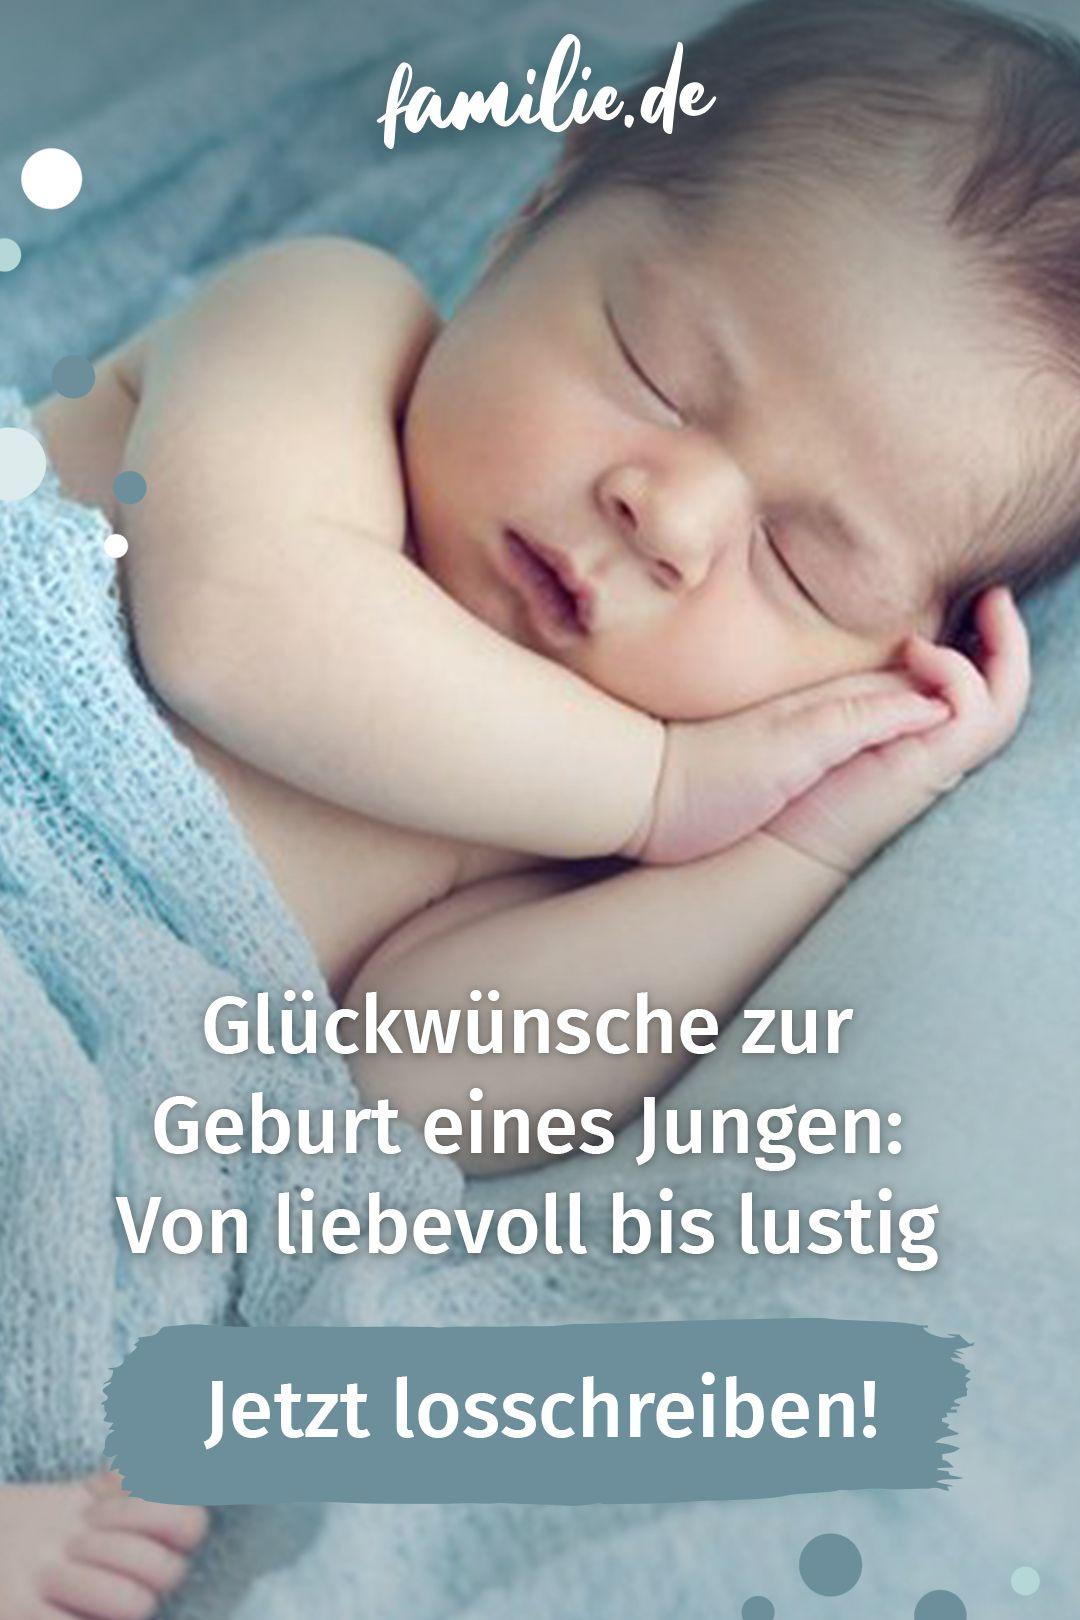 Glückwünsche Zur Geburt Eines Jungen Von Liebevoll Bis Lustig Familie De Glückwunsch Zur Geburt Junge Herzliche Glückwünsche Zur Geburt Glückwünsche Zur Geburt